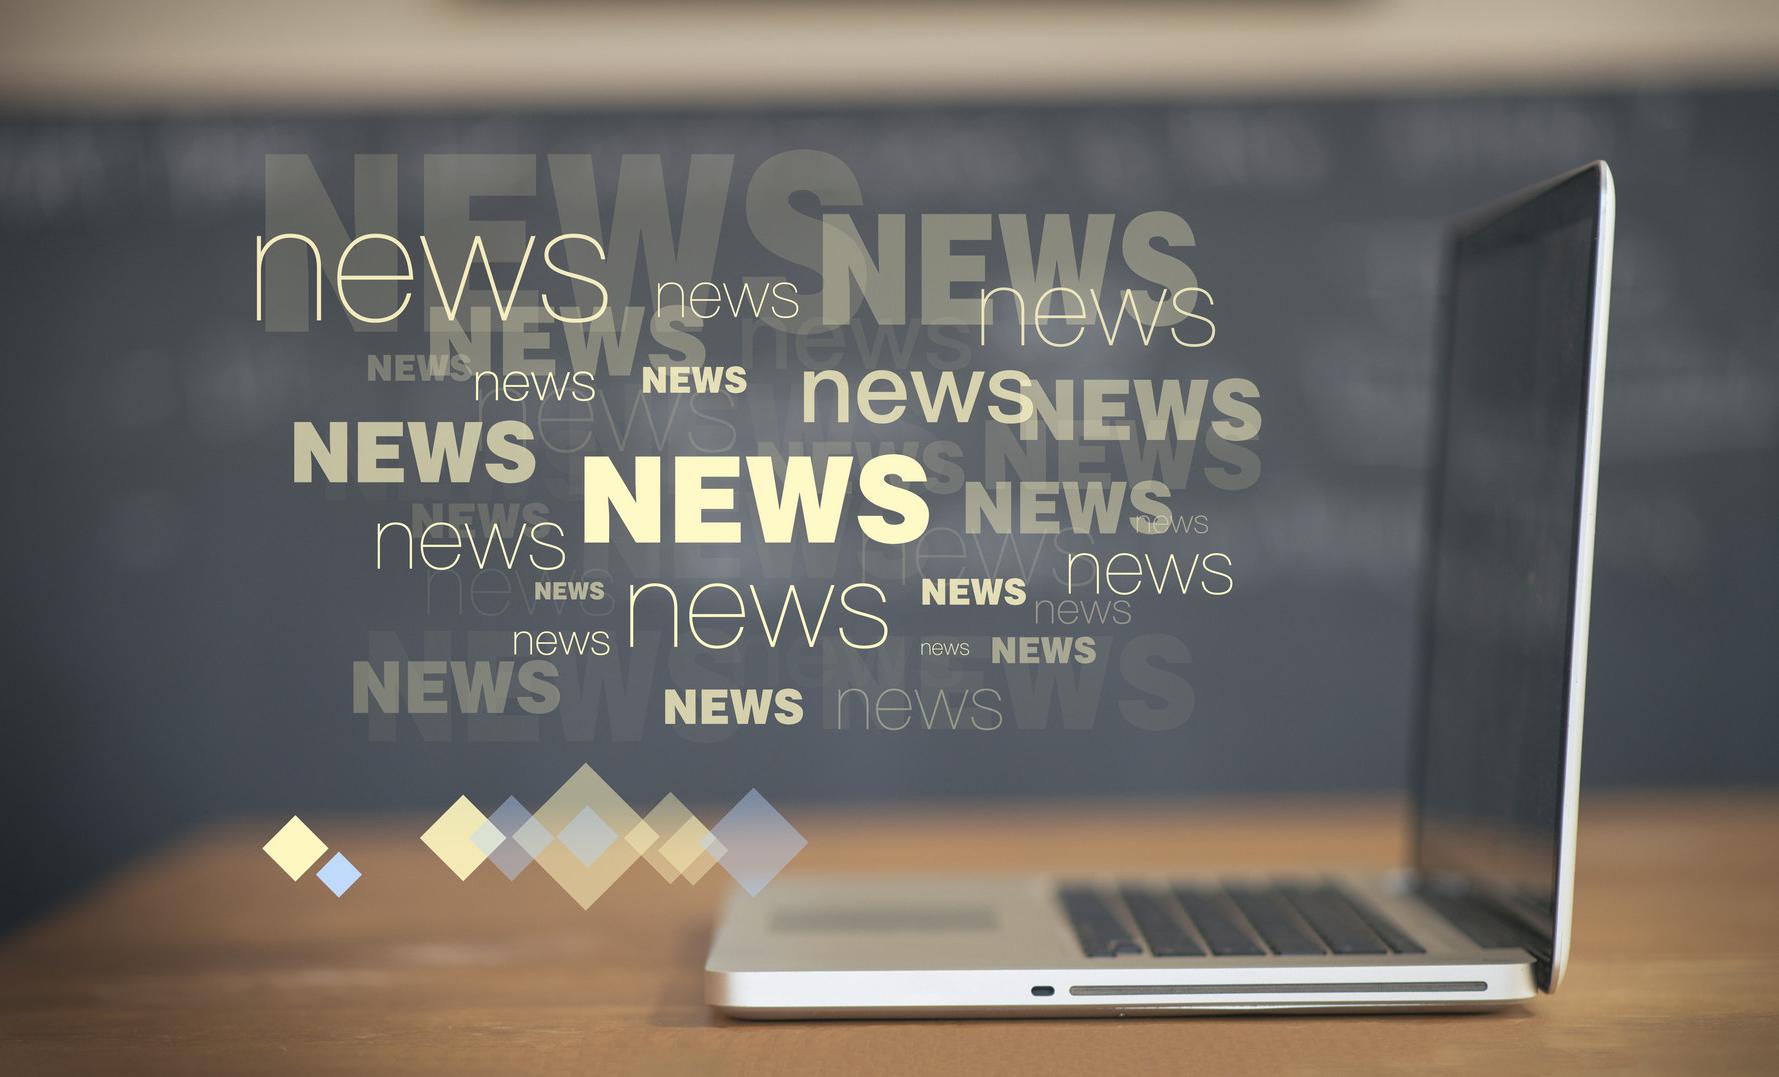 整顿清理序幕拉开 自媒体未来发展何去何从?